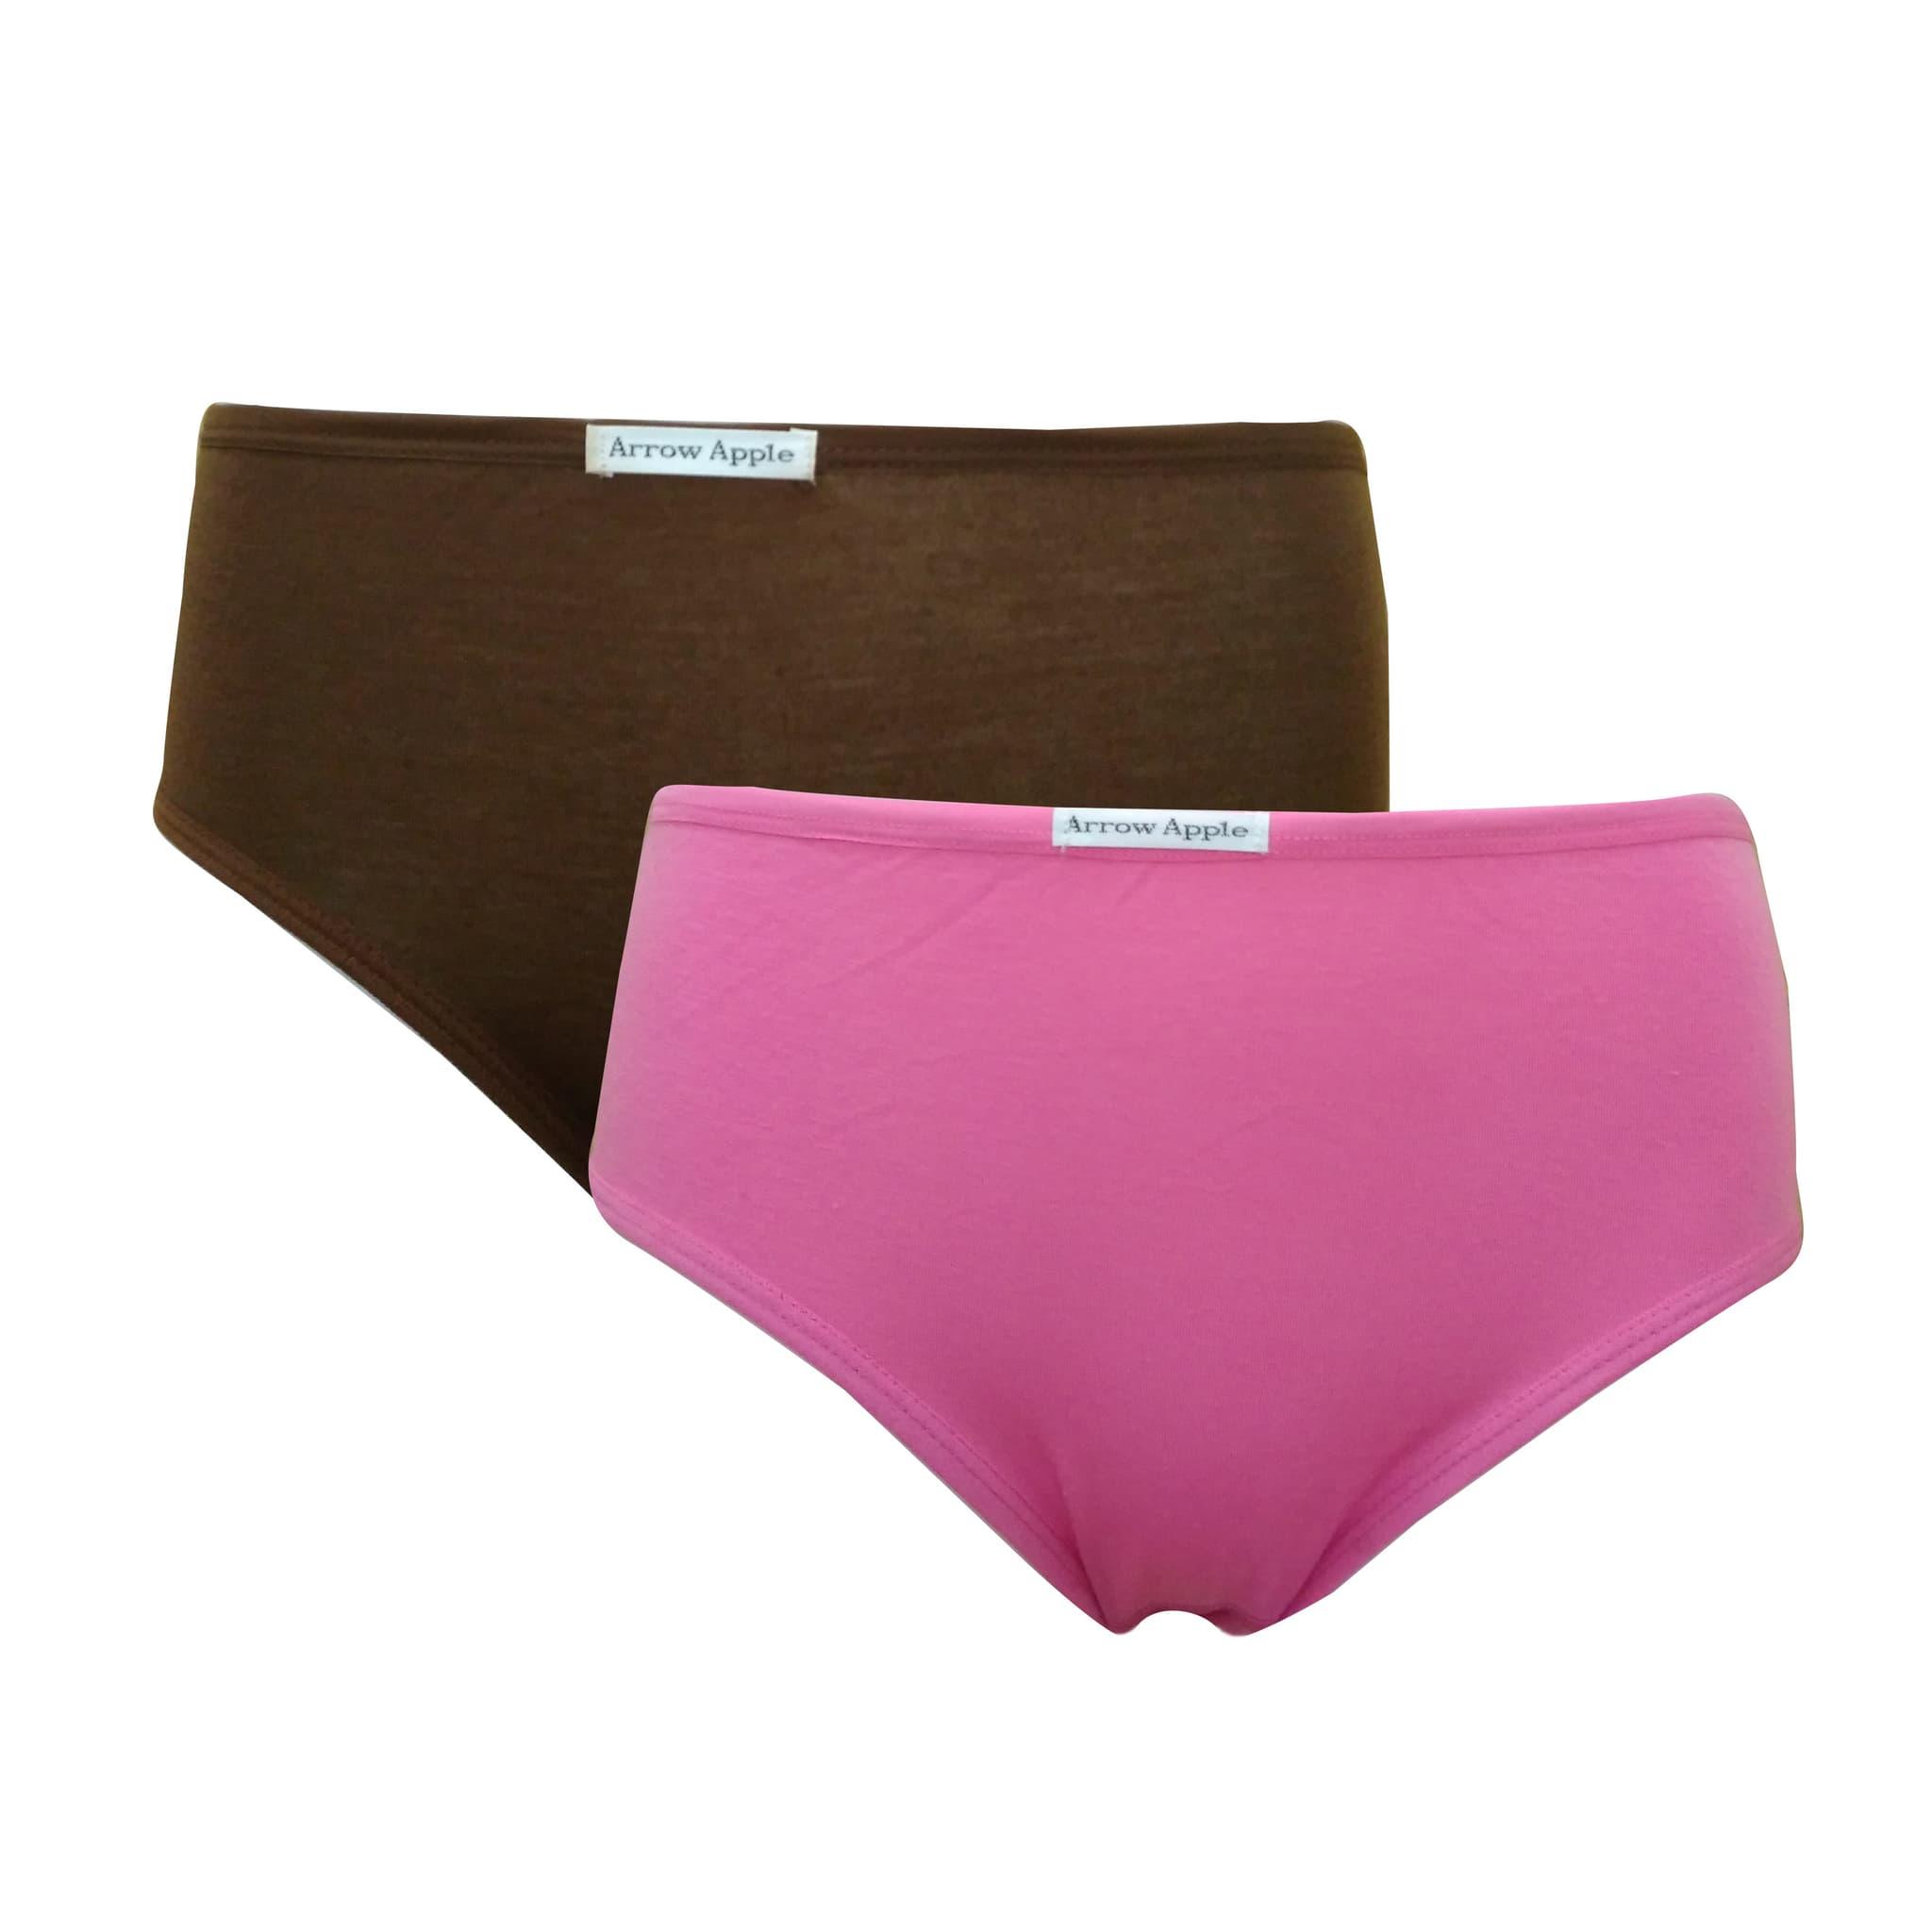 Jual Celana Dalam Wanita - Arrow Apple - 4 Pcs - Fuchsia 433cffb80a